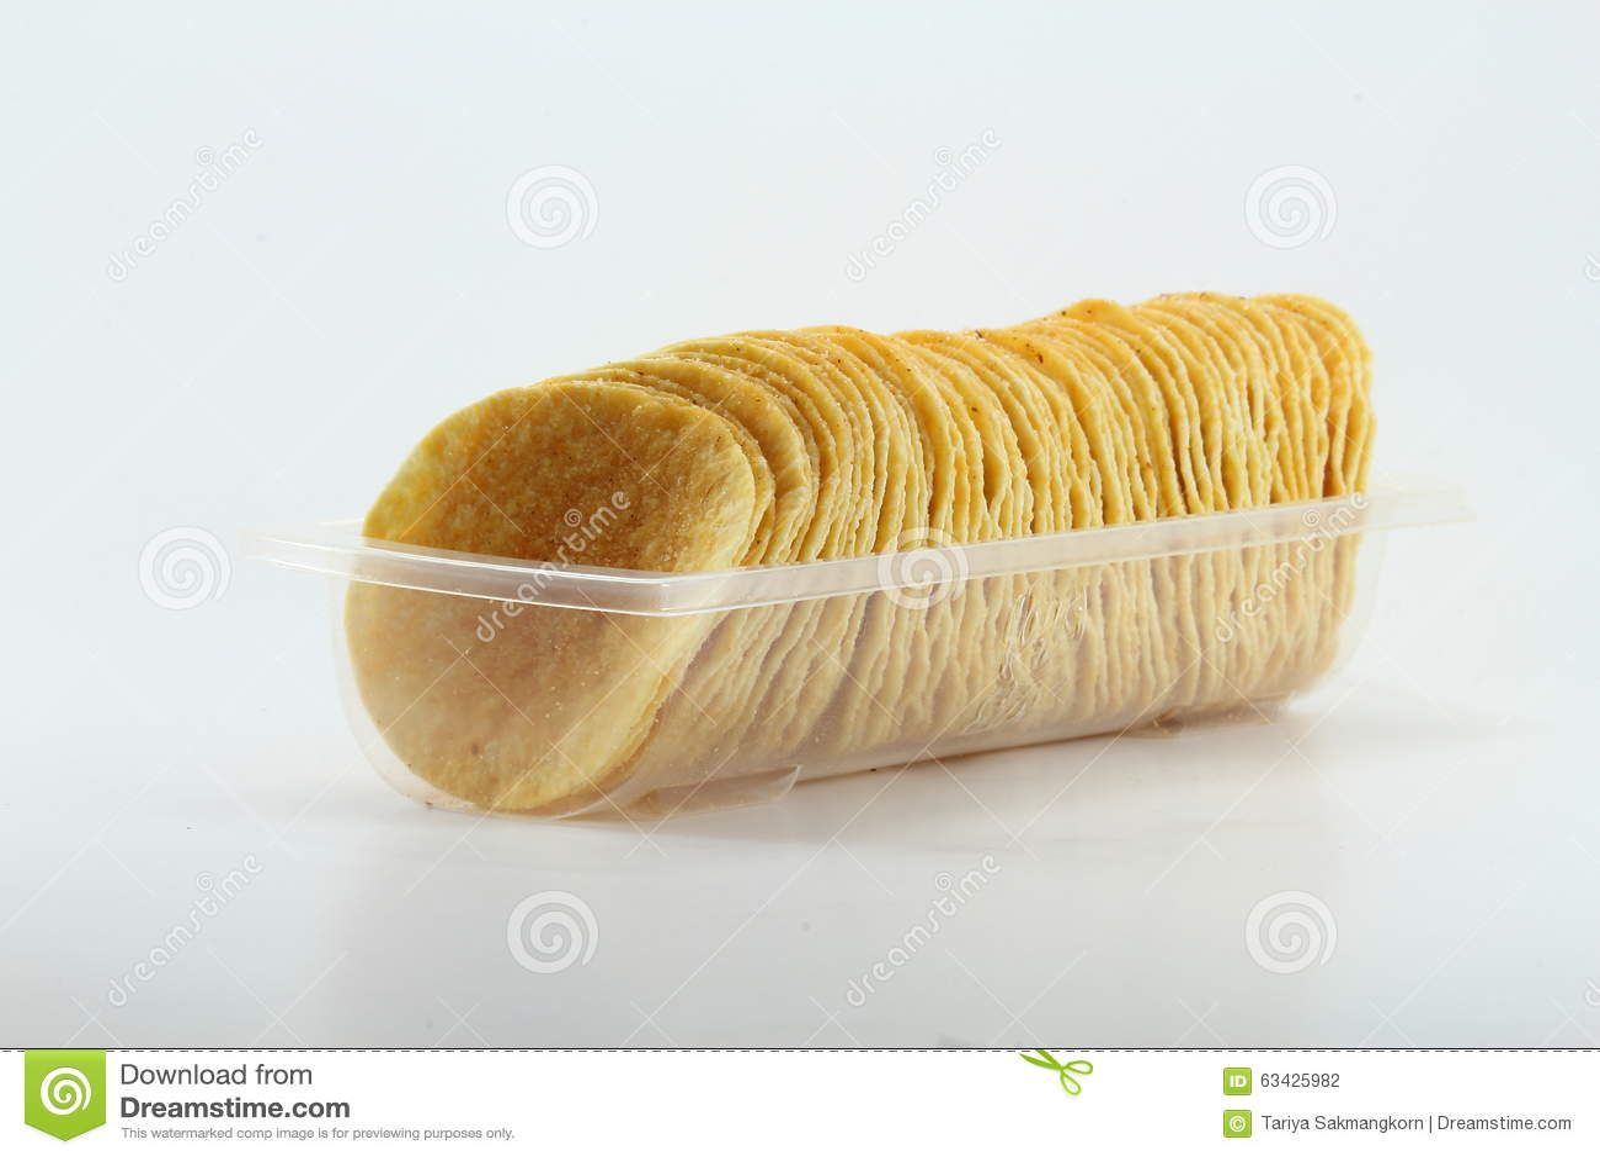 土豆片行在清楚的盘子的